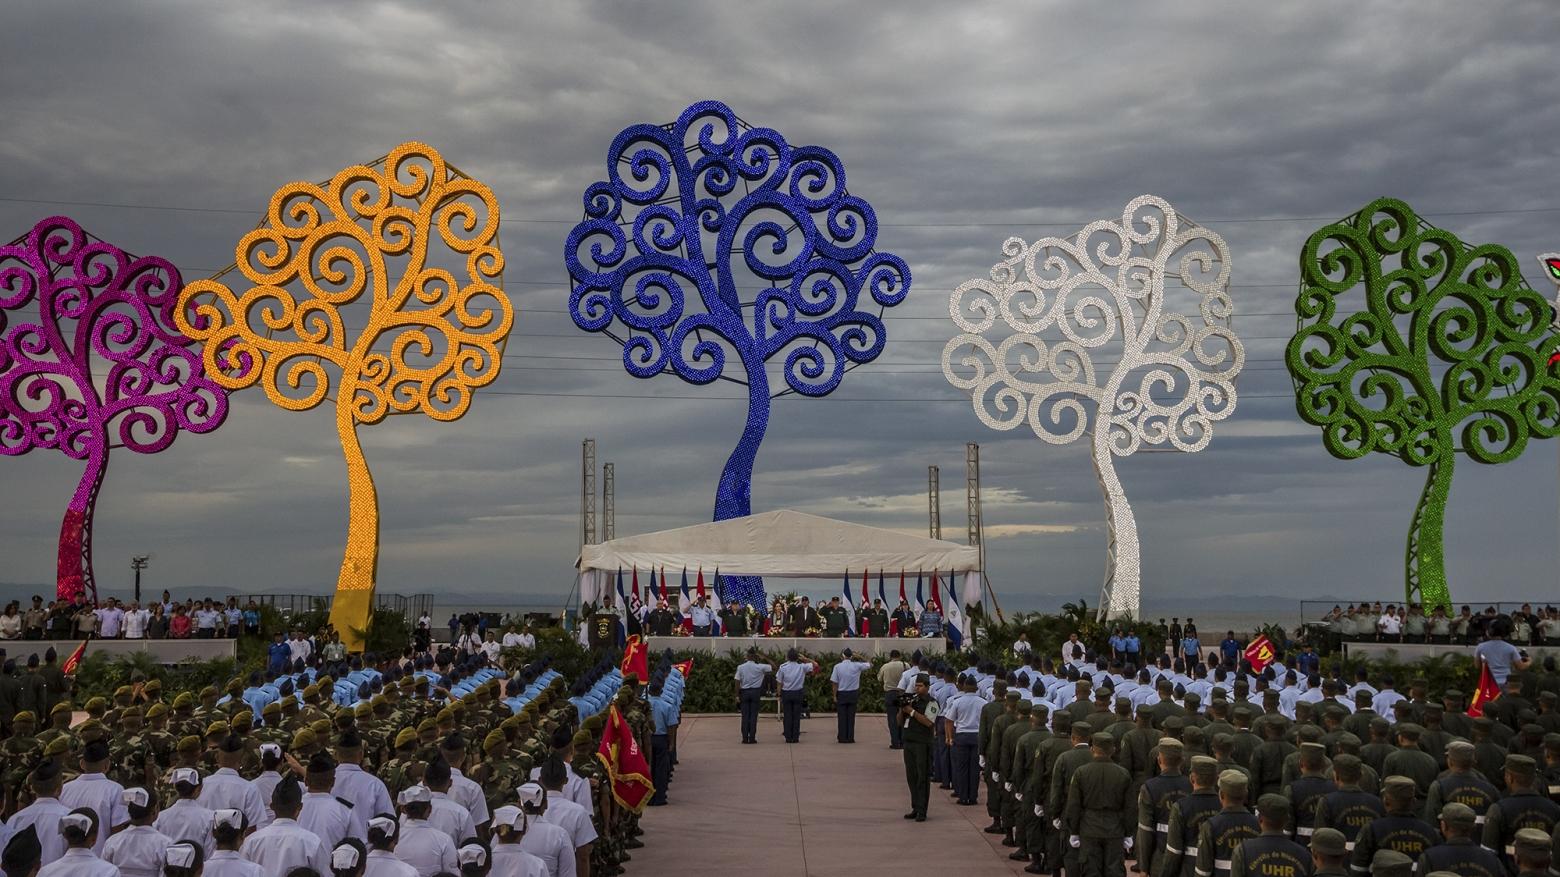 """Rosario Murillo, esposa de Daniel Ortega, ha sembrado la capital de Nicaragua con """"árboles de la vida"""", que, según ella, buscan """"transmitir alegría"""" al pueblo. / MERIDITH KOHUT (THE NEW YORK TIMES)"""